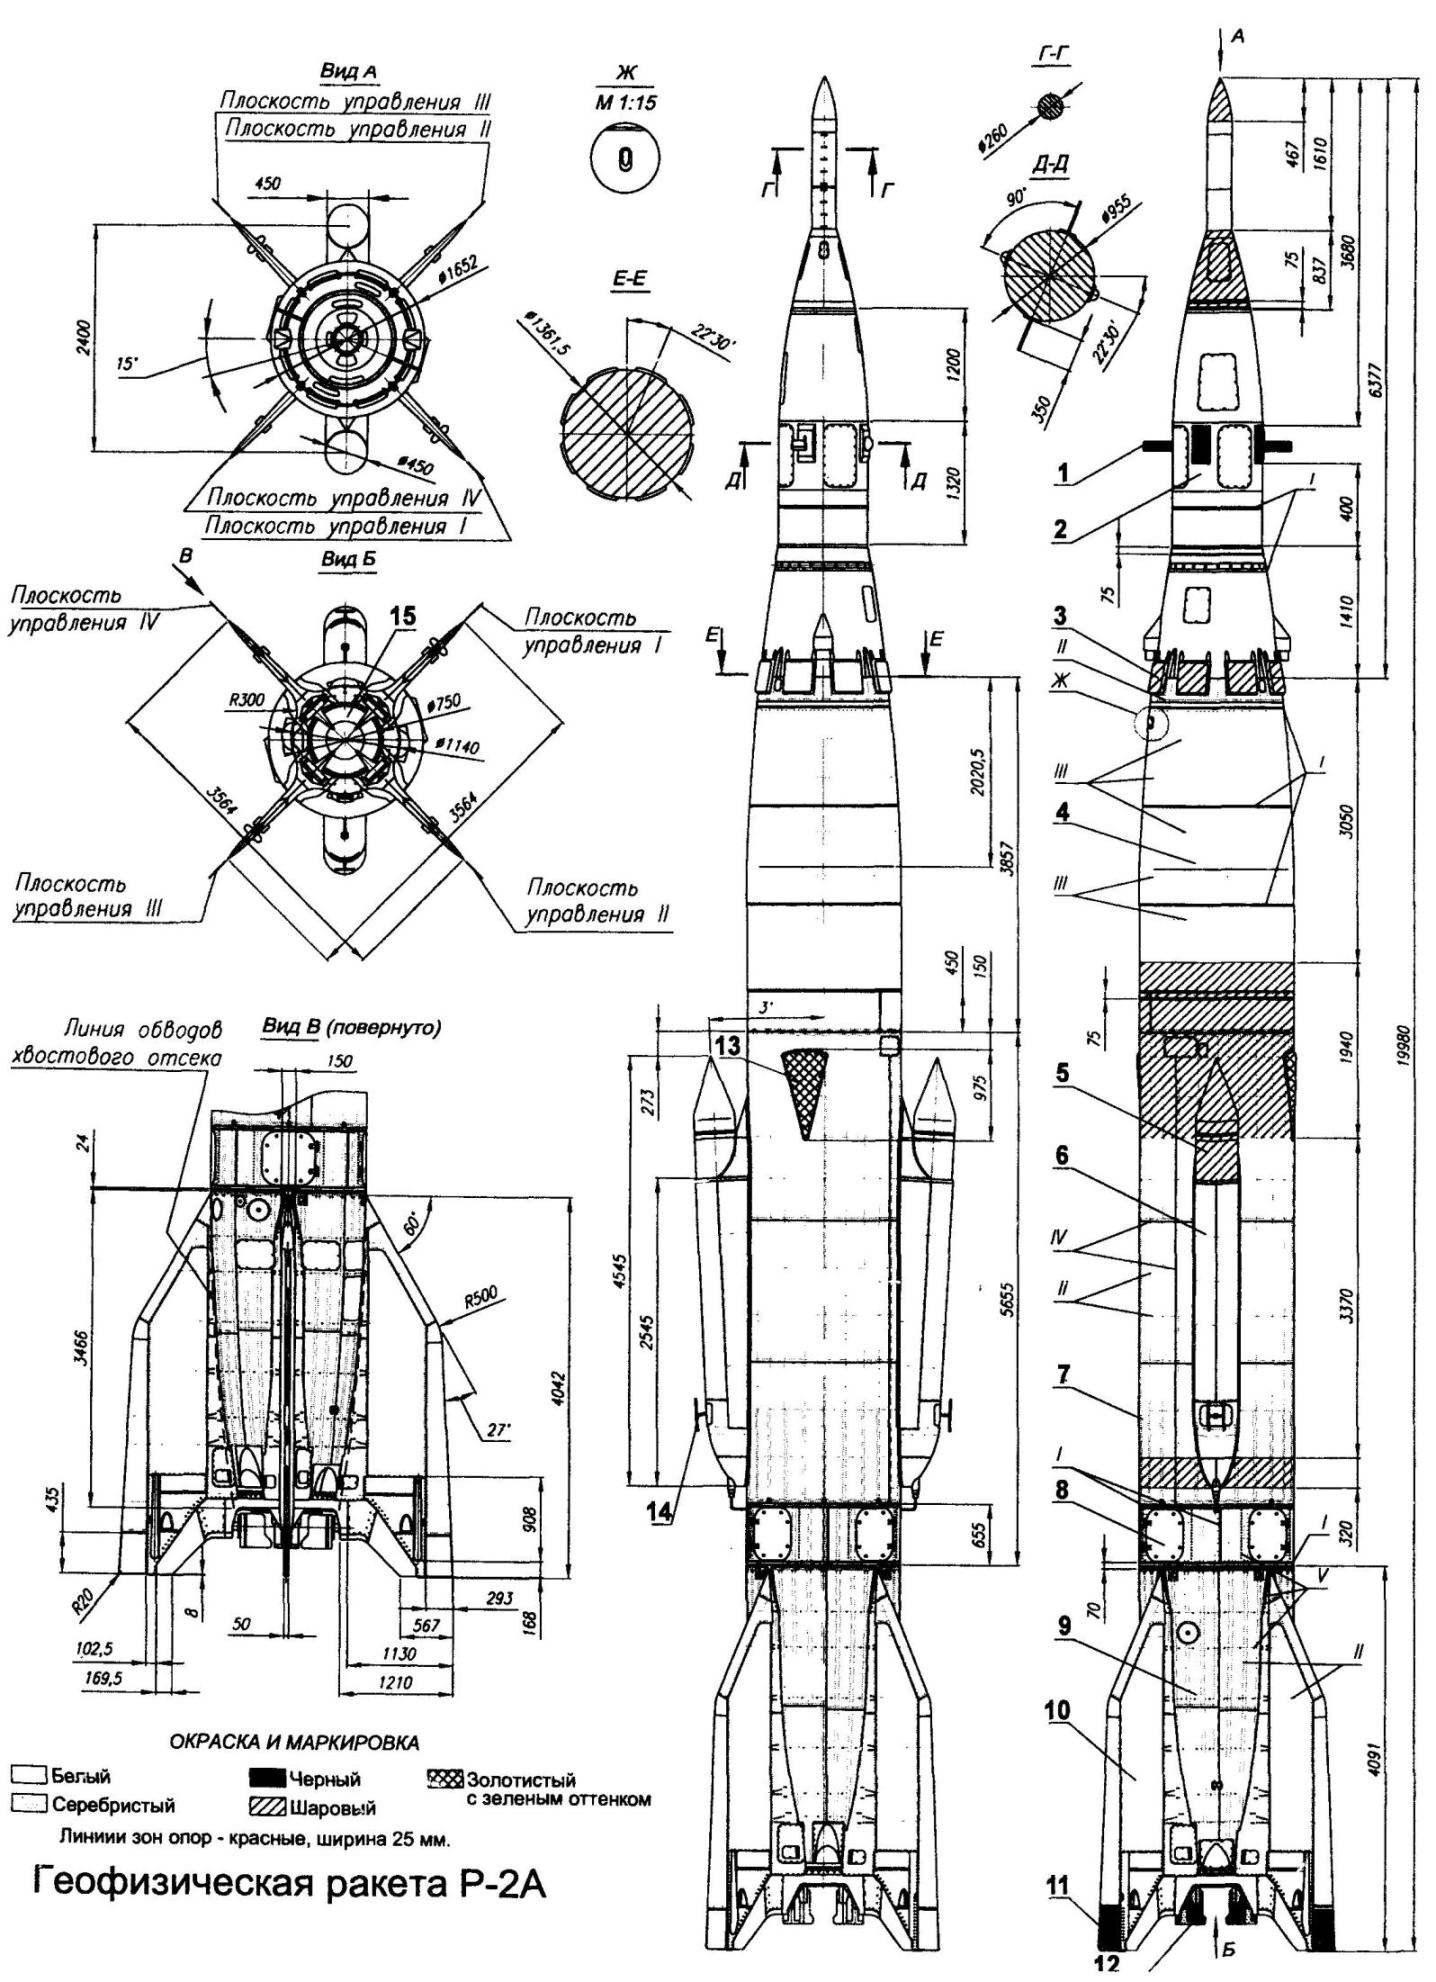 Geophysical rocket R-2A